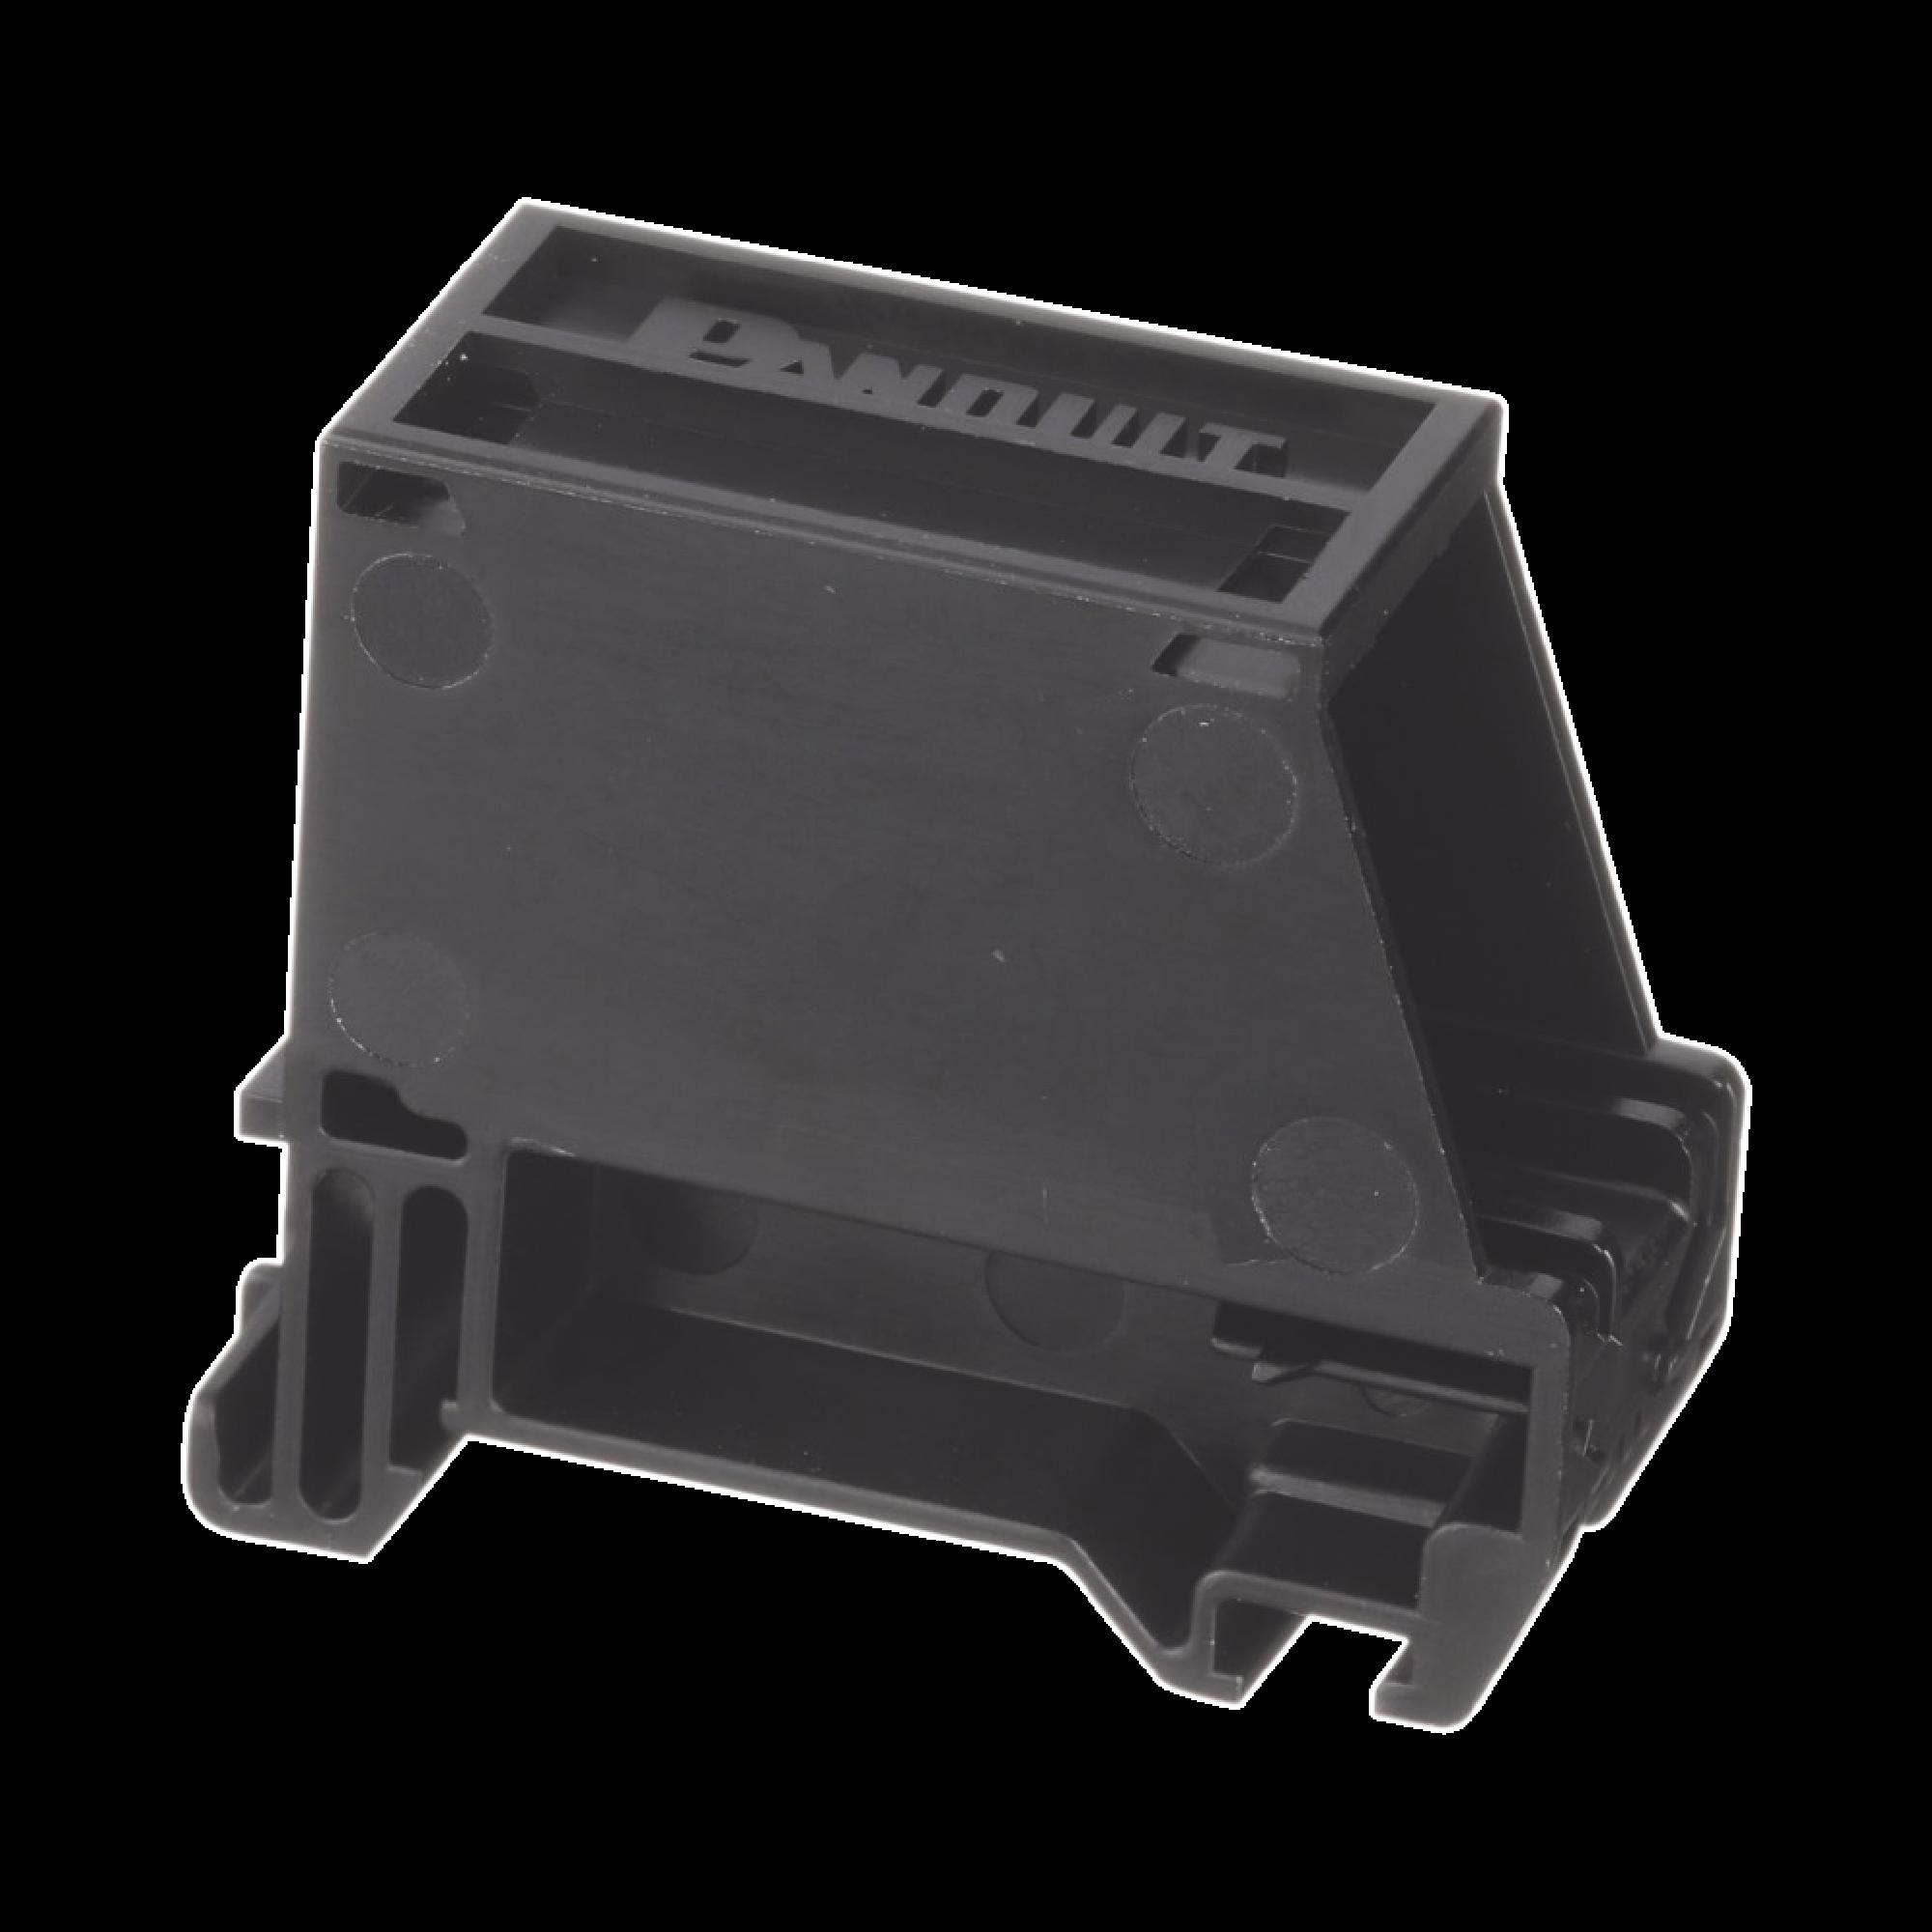 Adaptador de 1 Puerto, Para Conectores Tipo Mini-Com, Montaje en Riel Din Estándar de 35mm, Color Negro